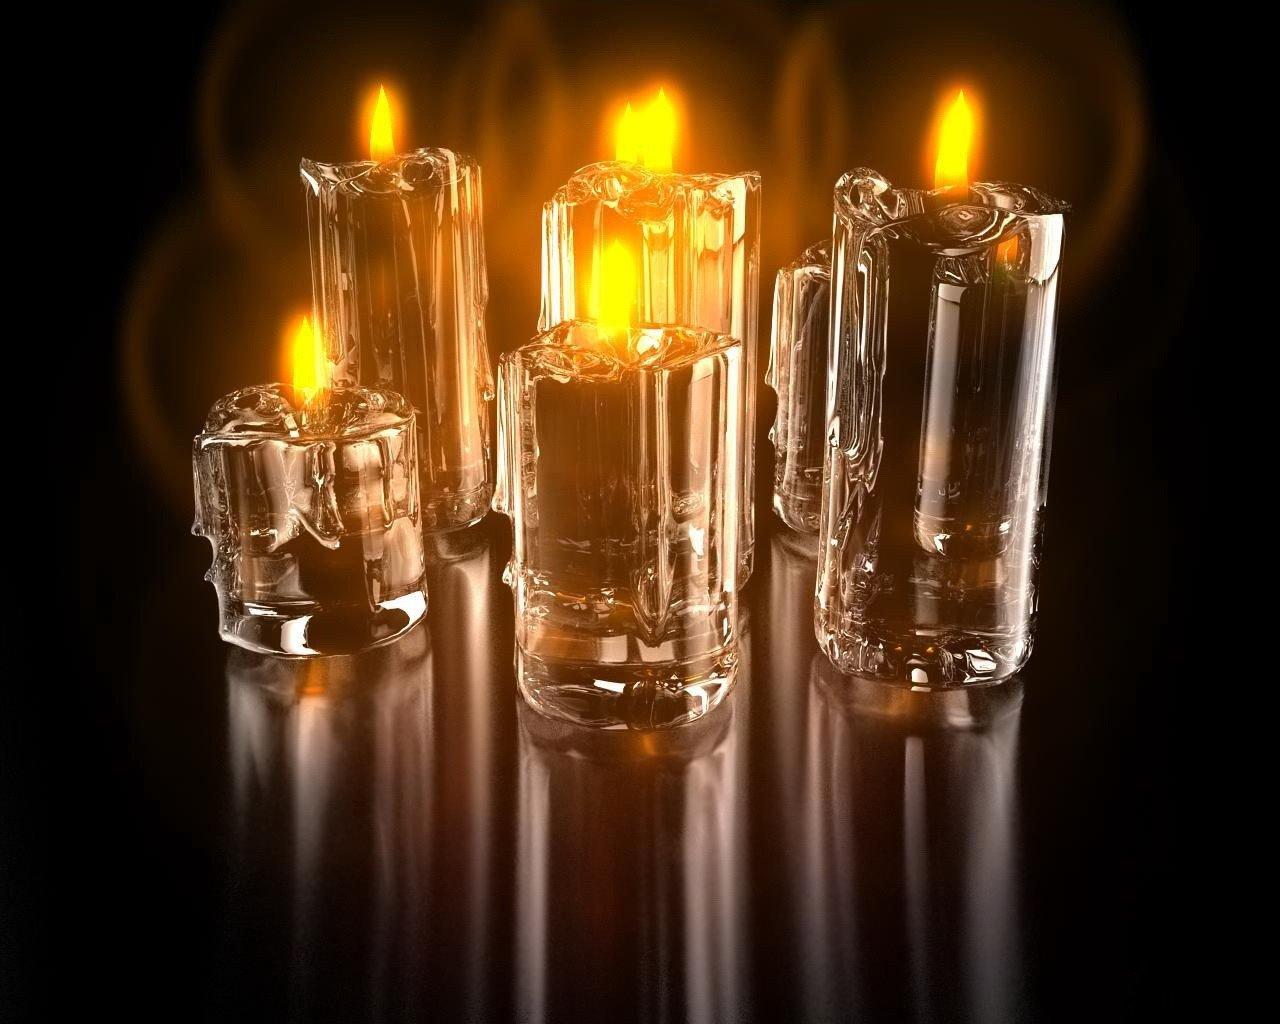 свечи пламя отражение загрузить